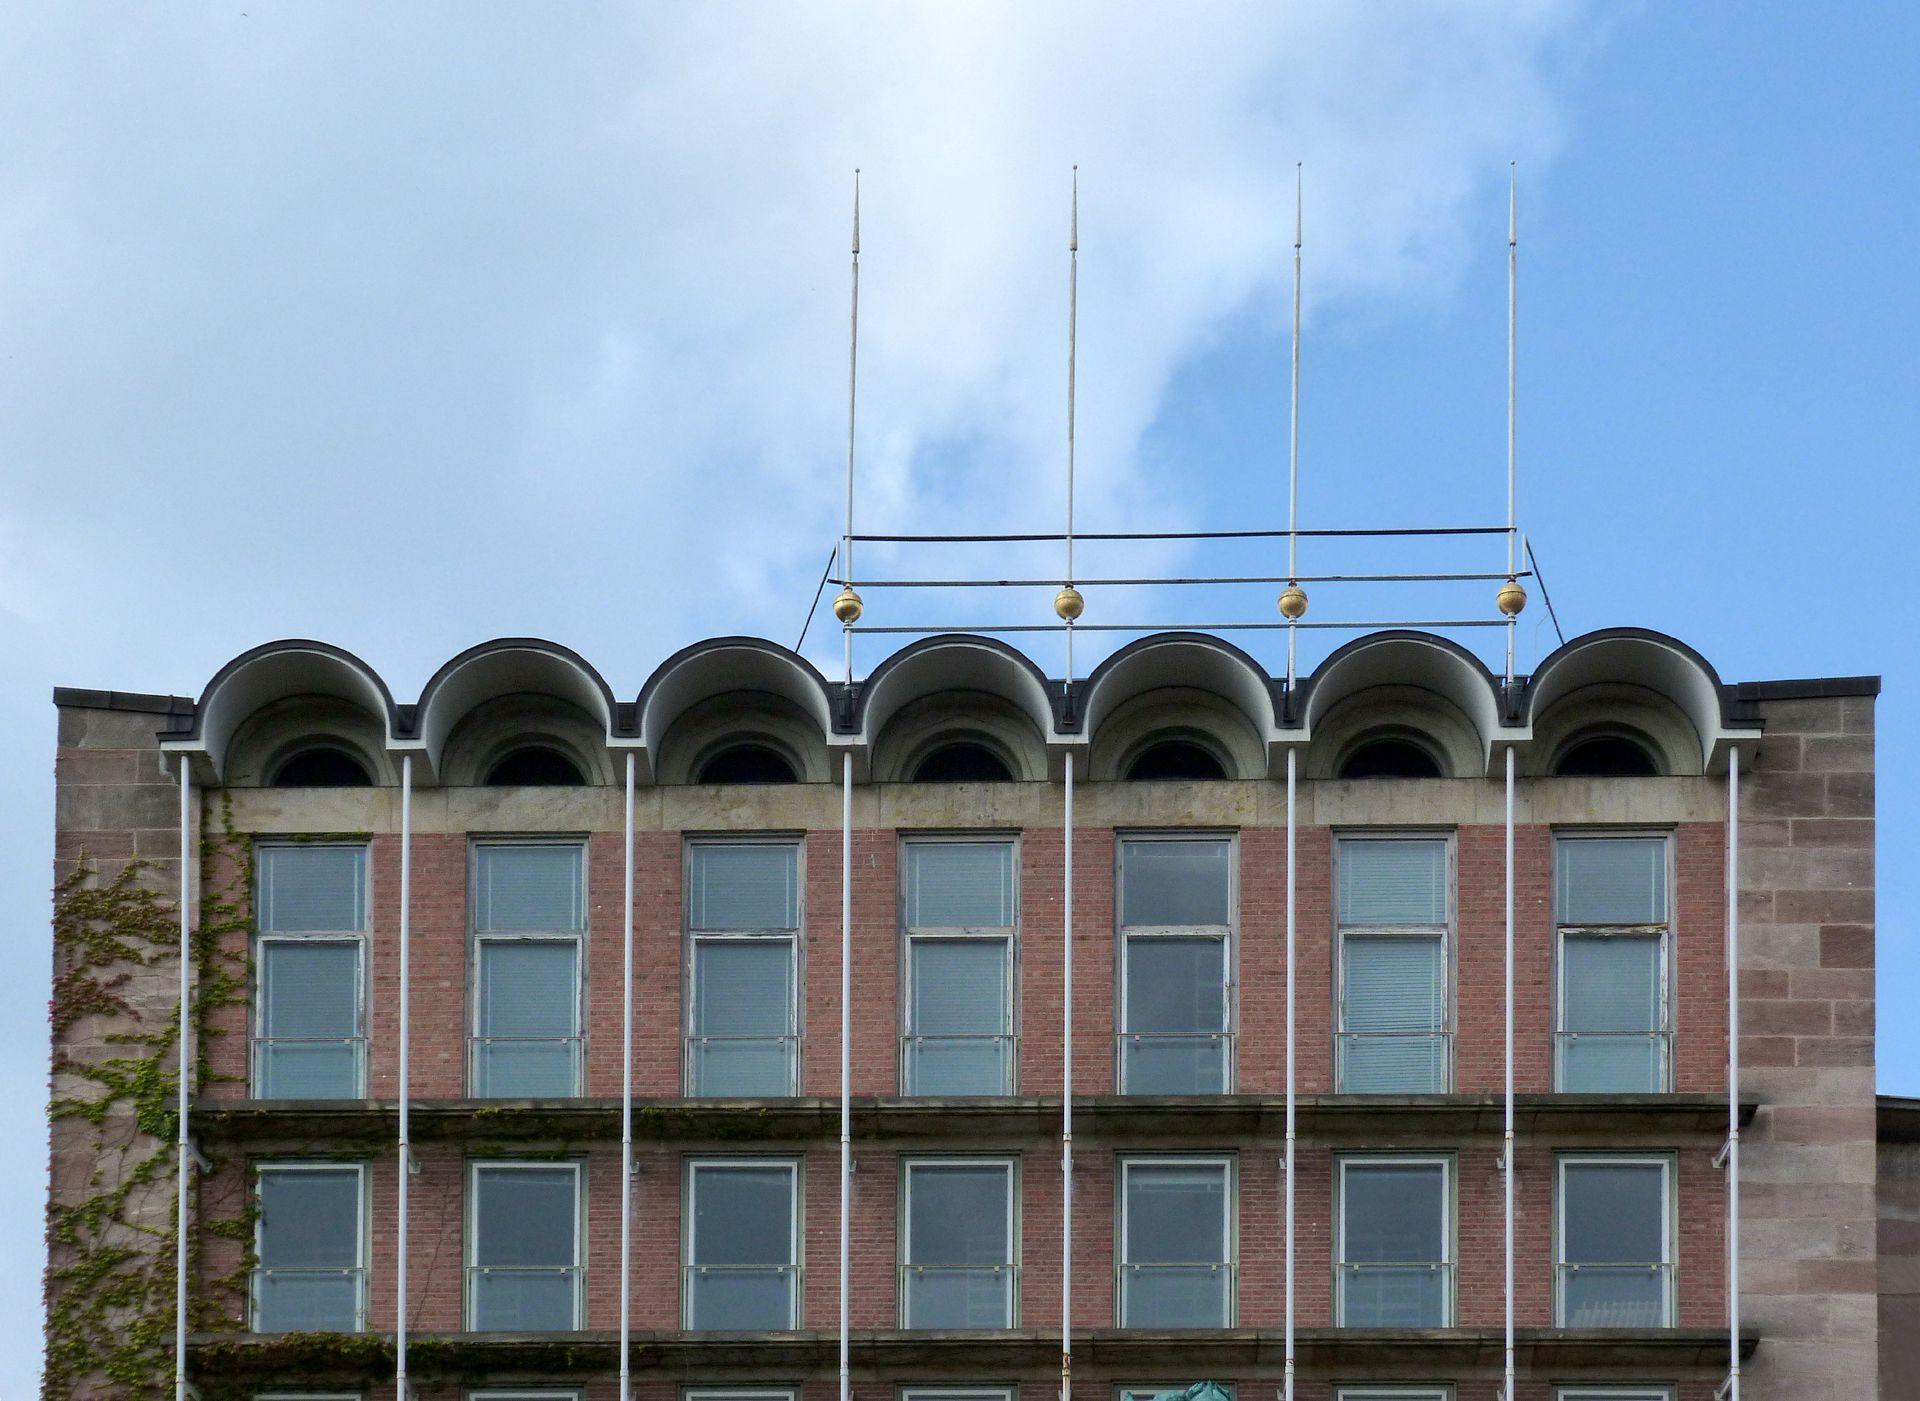 ehem. Stadtbibliothek / ehem. Pellerhaus Pellerhausfassade, oberer Abschluß